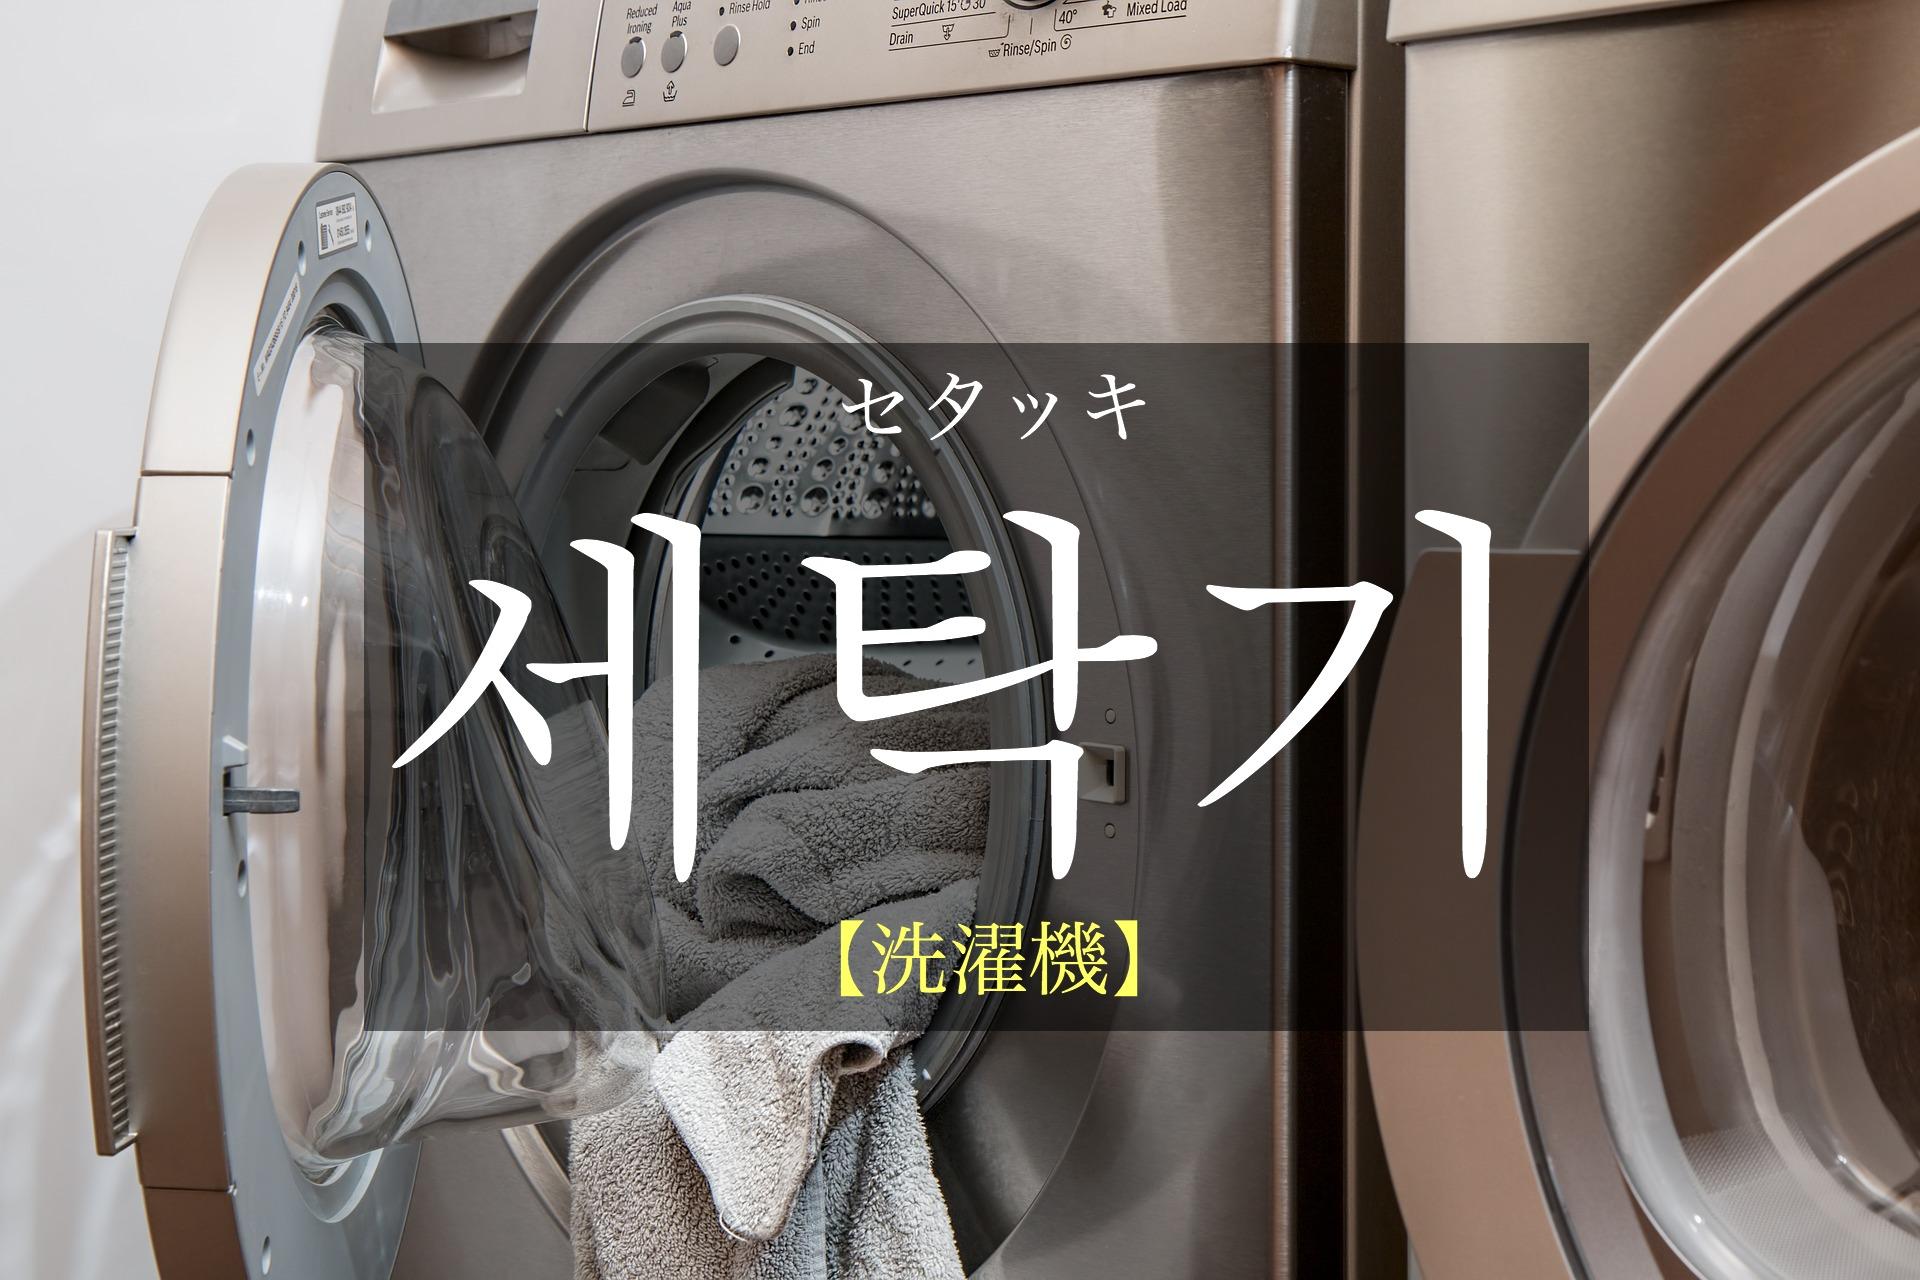 韓国語で「洗濯機」の【세탁기(セタッキ)】をタメ語で覚えよう!